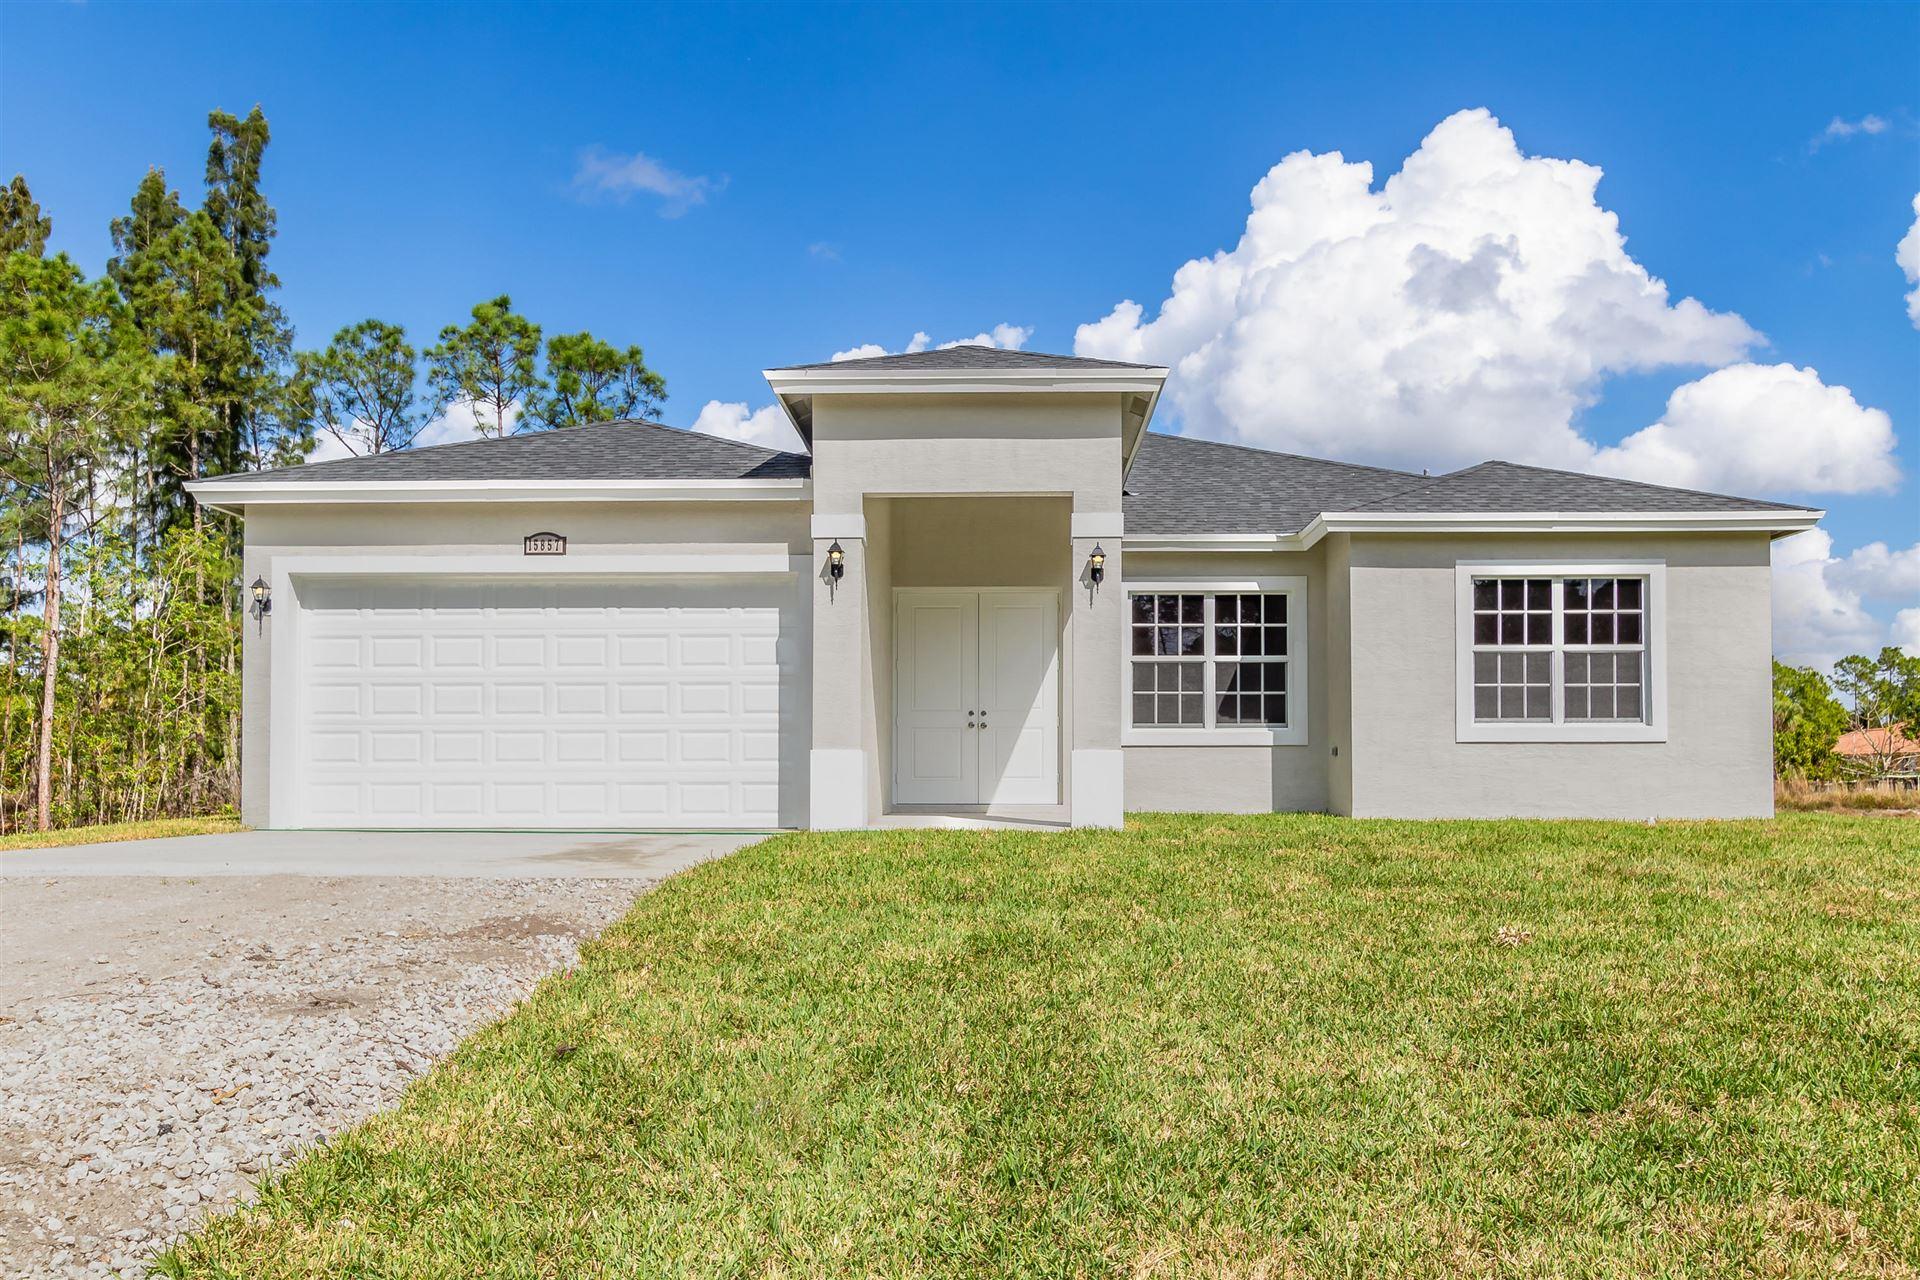 17313 81st Lane N, Loxahatchee, FL 33470 - MLS#: RX-10740661